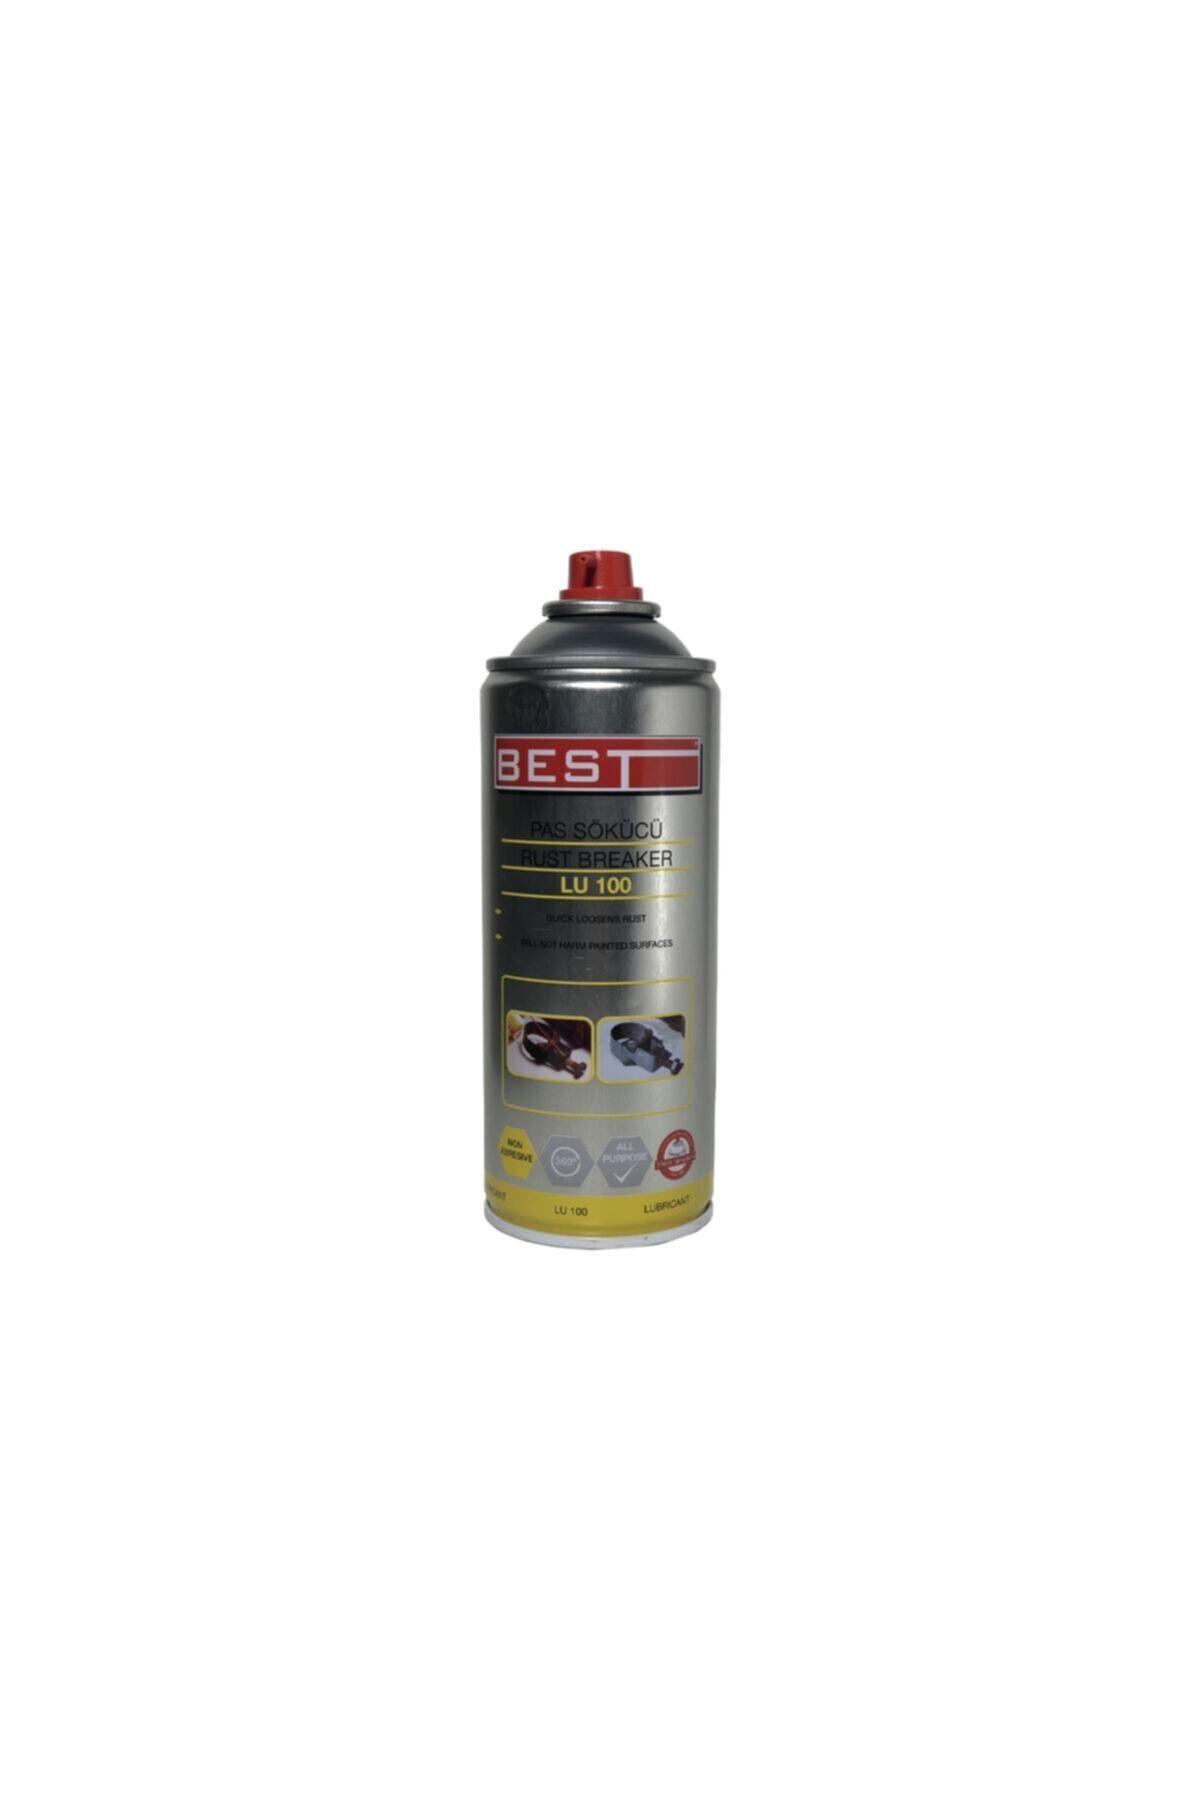 Best Lu-100 Pas Sökücü Önleyici Sprey 400 ml 1